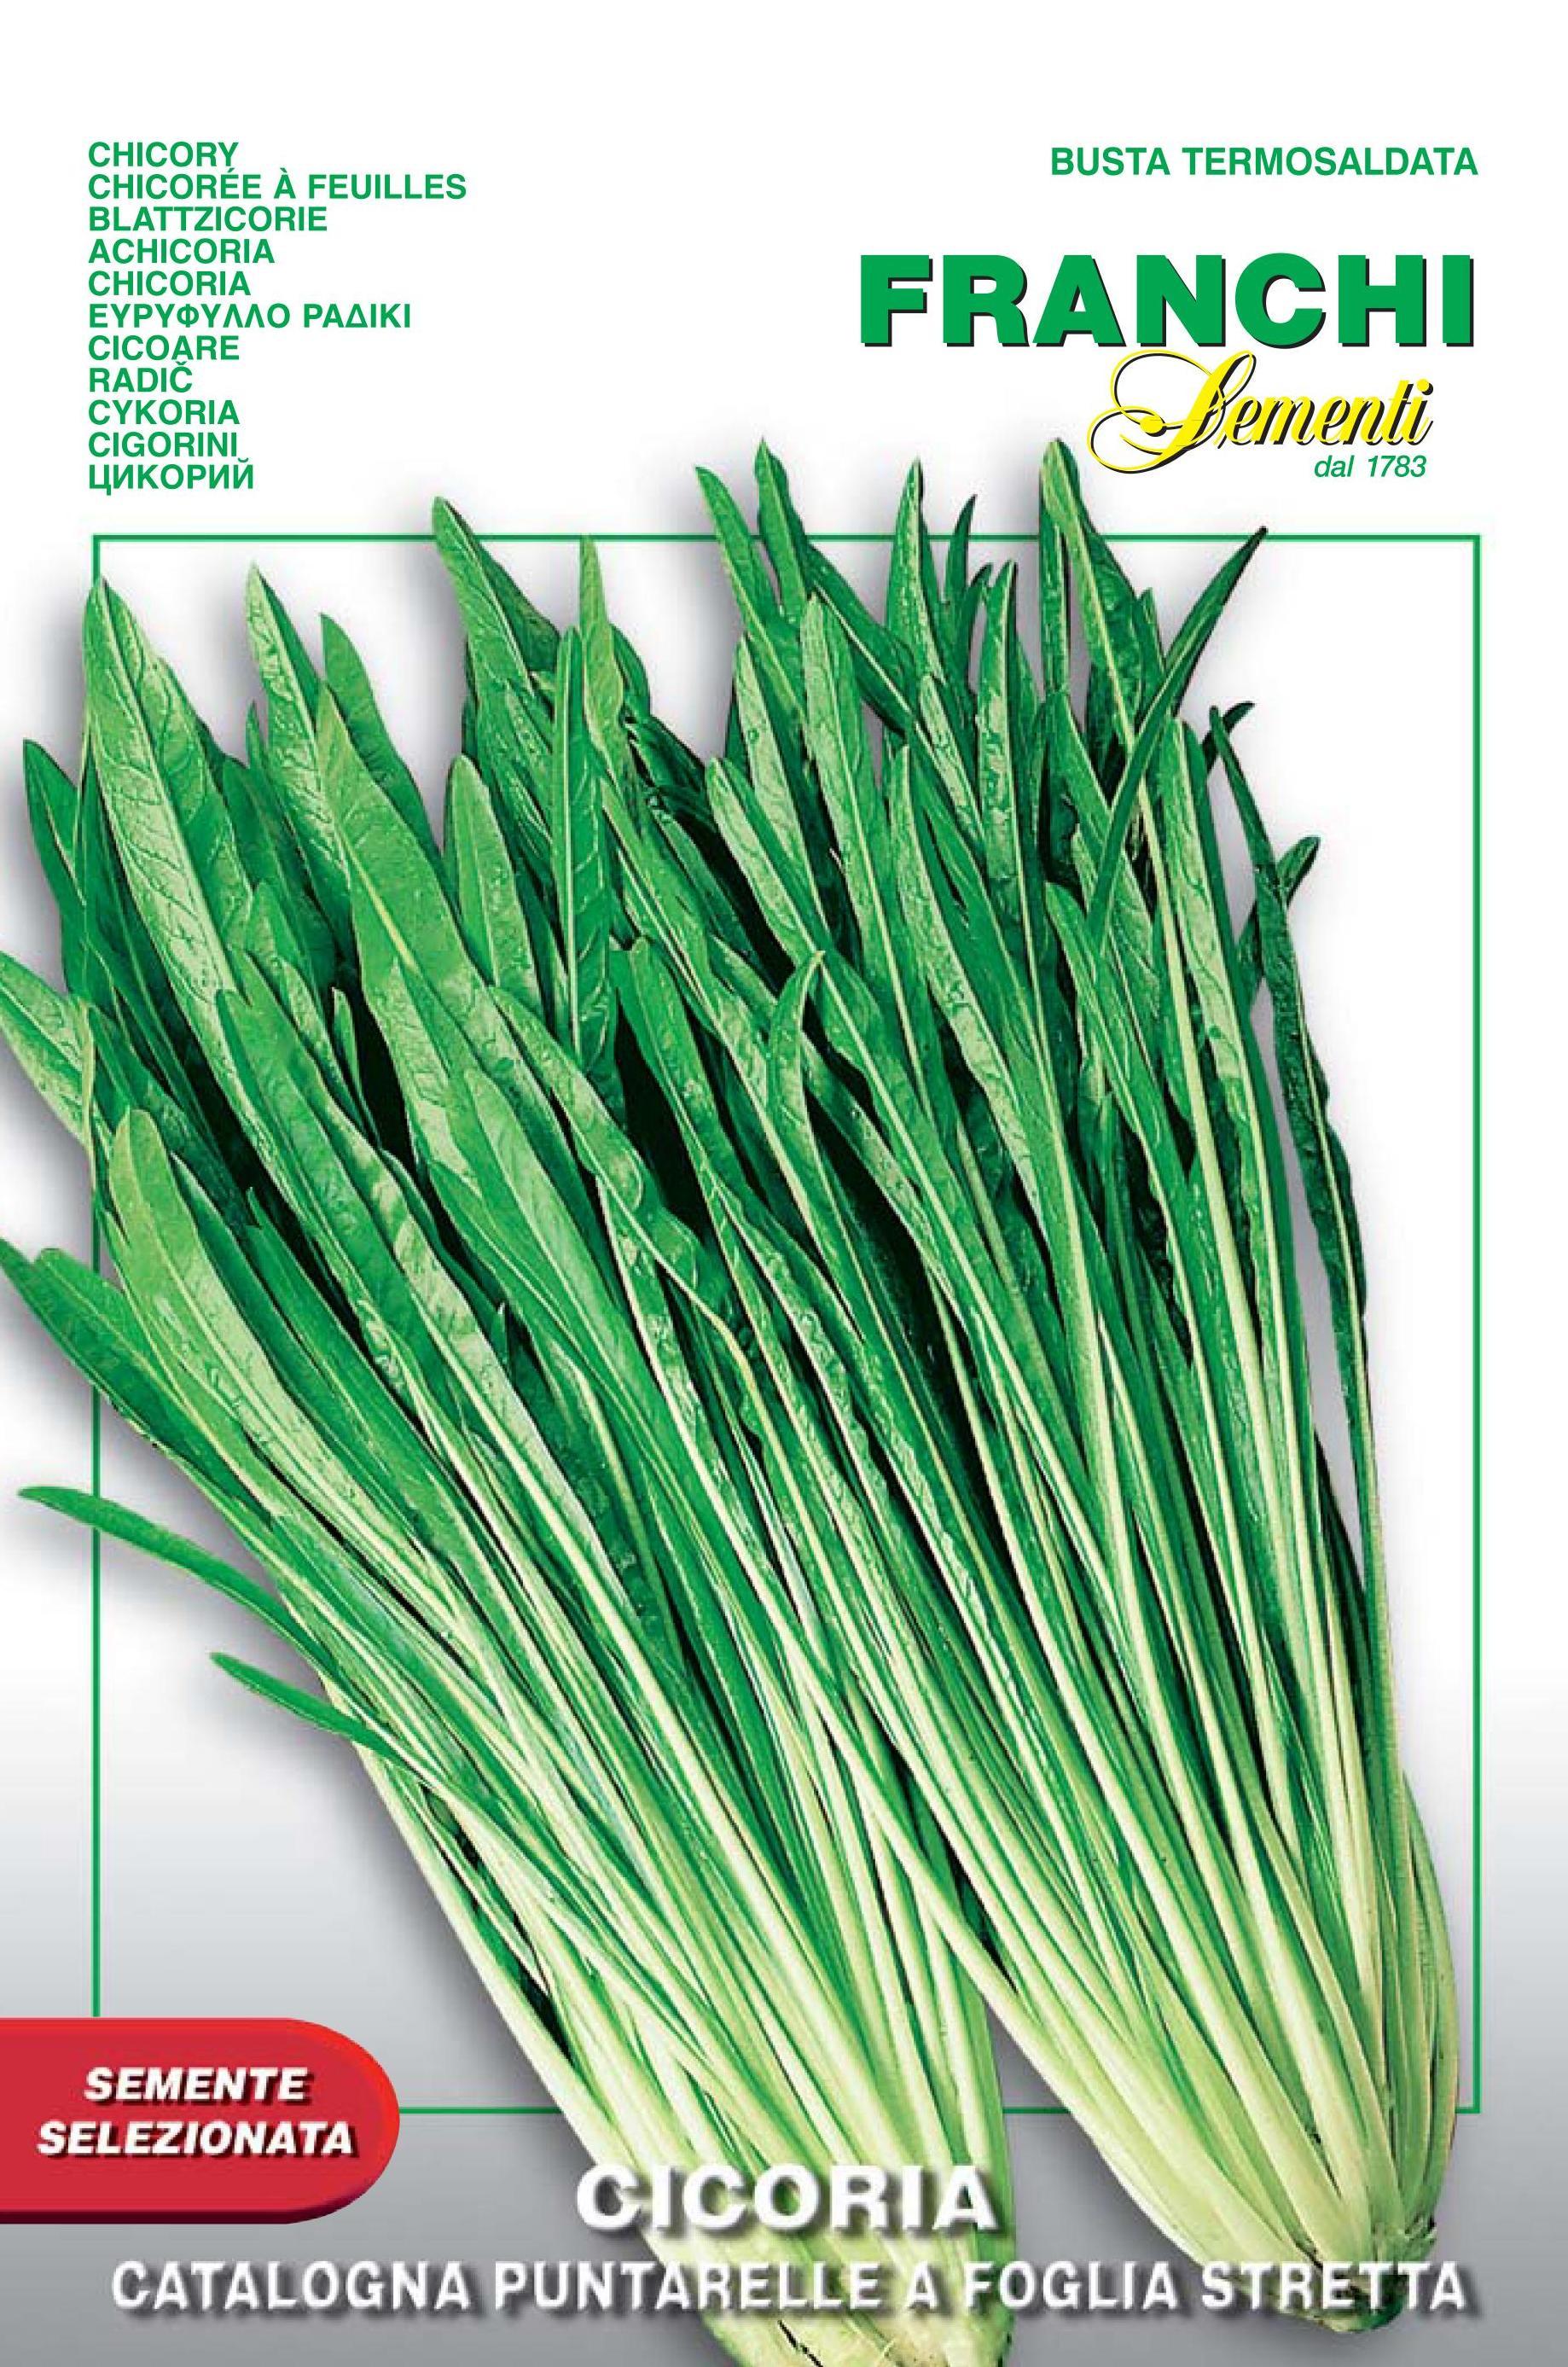 Chicory Catalogna A Foglia Stretta del Veneto